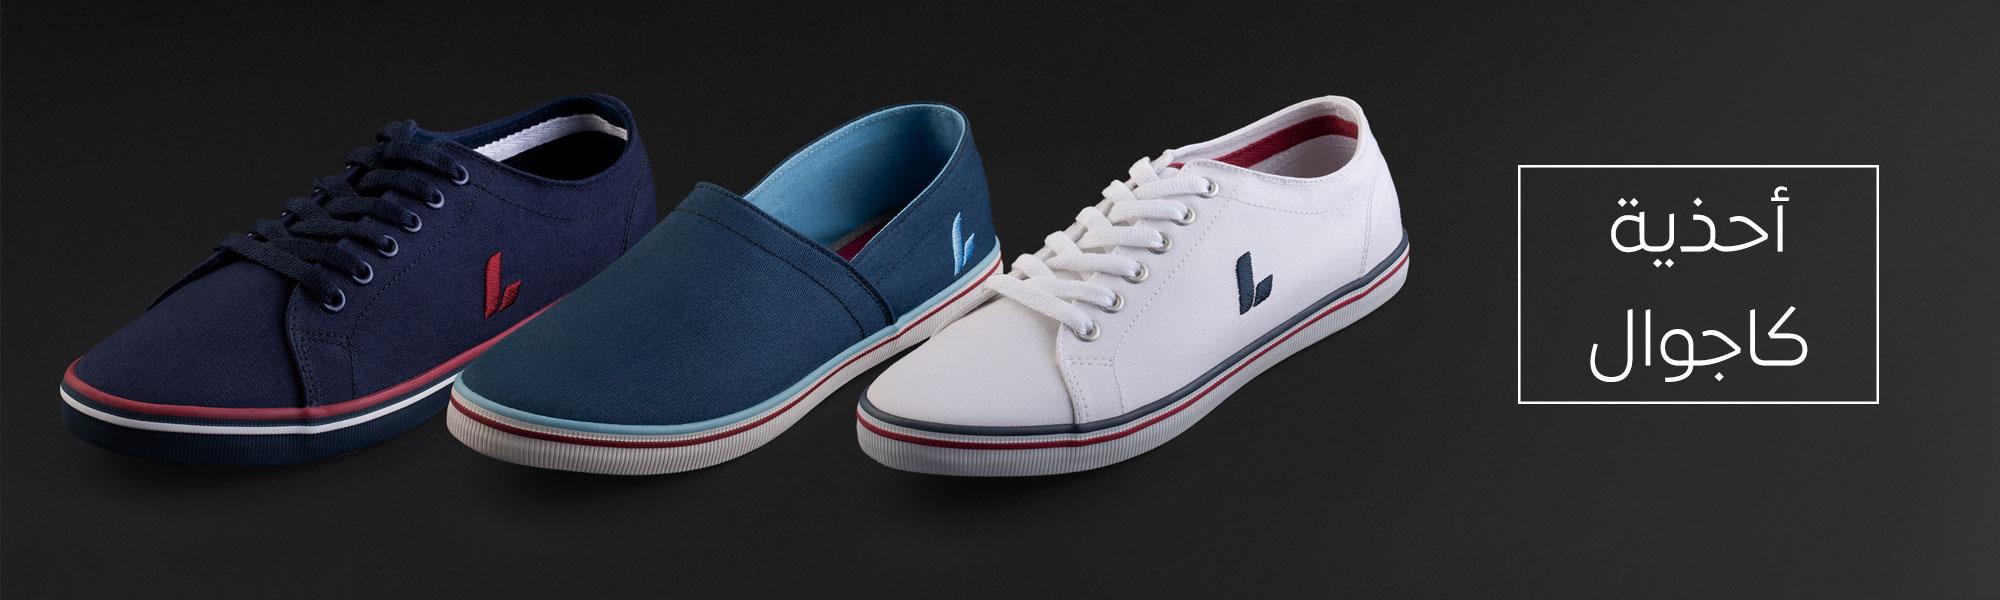 بنر إعلان أحذية الكاجوال